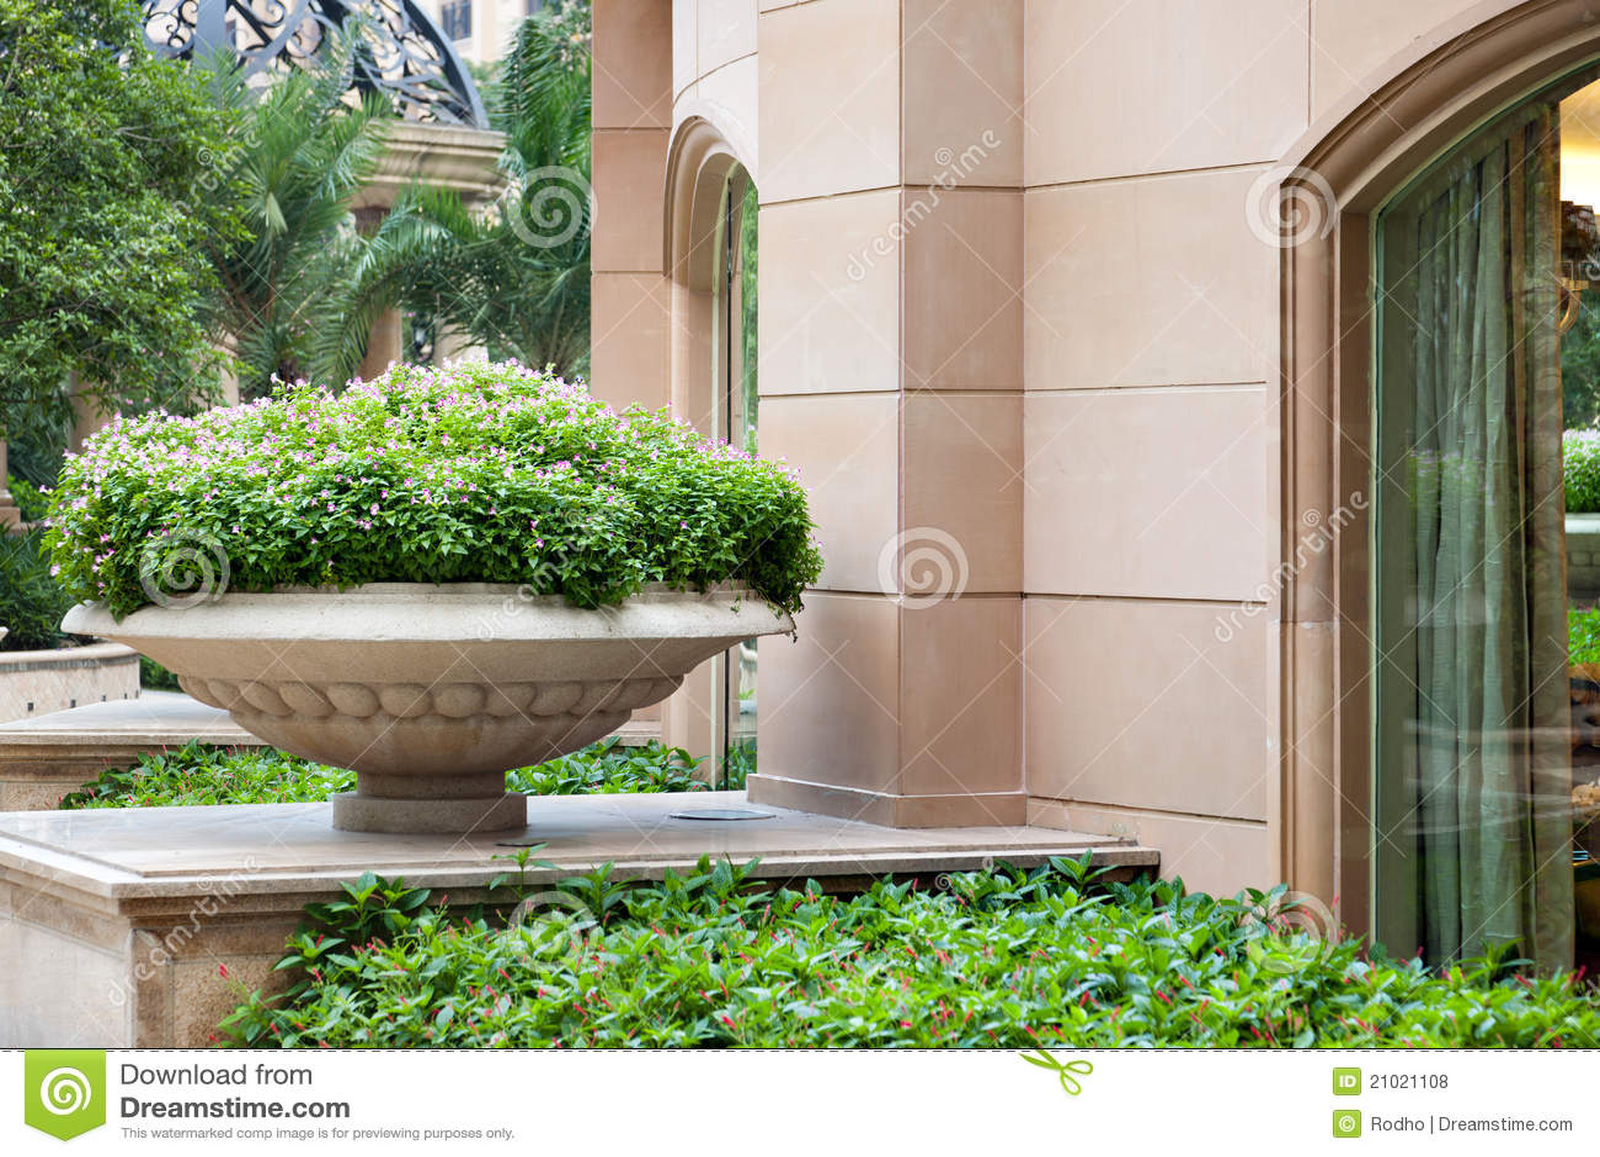 Maceta de piedra grande en jard n fotos de archivo libres - Macetas de piedra para jardin ...